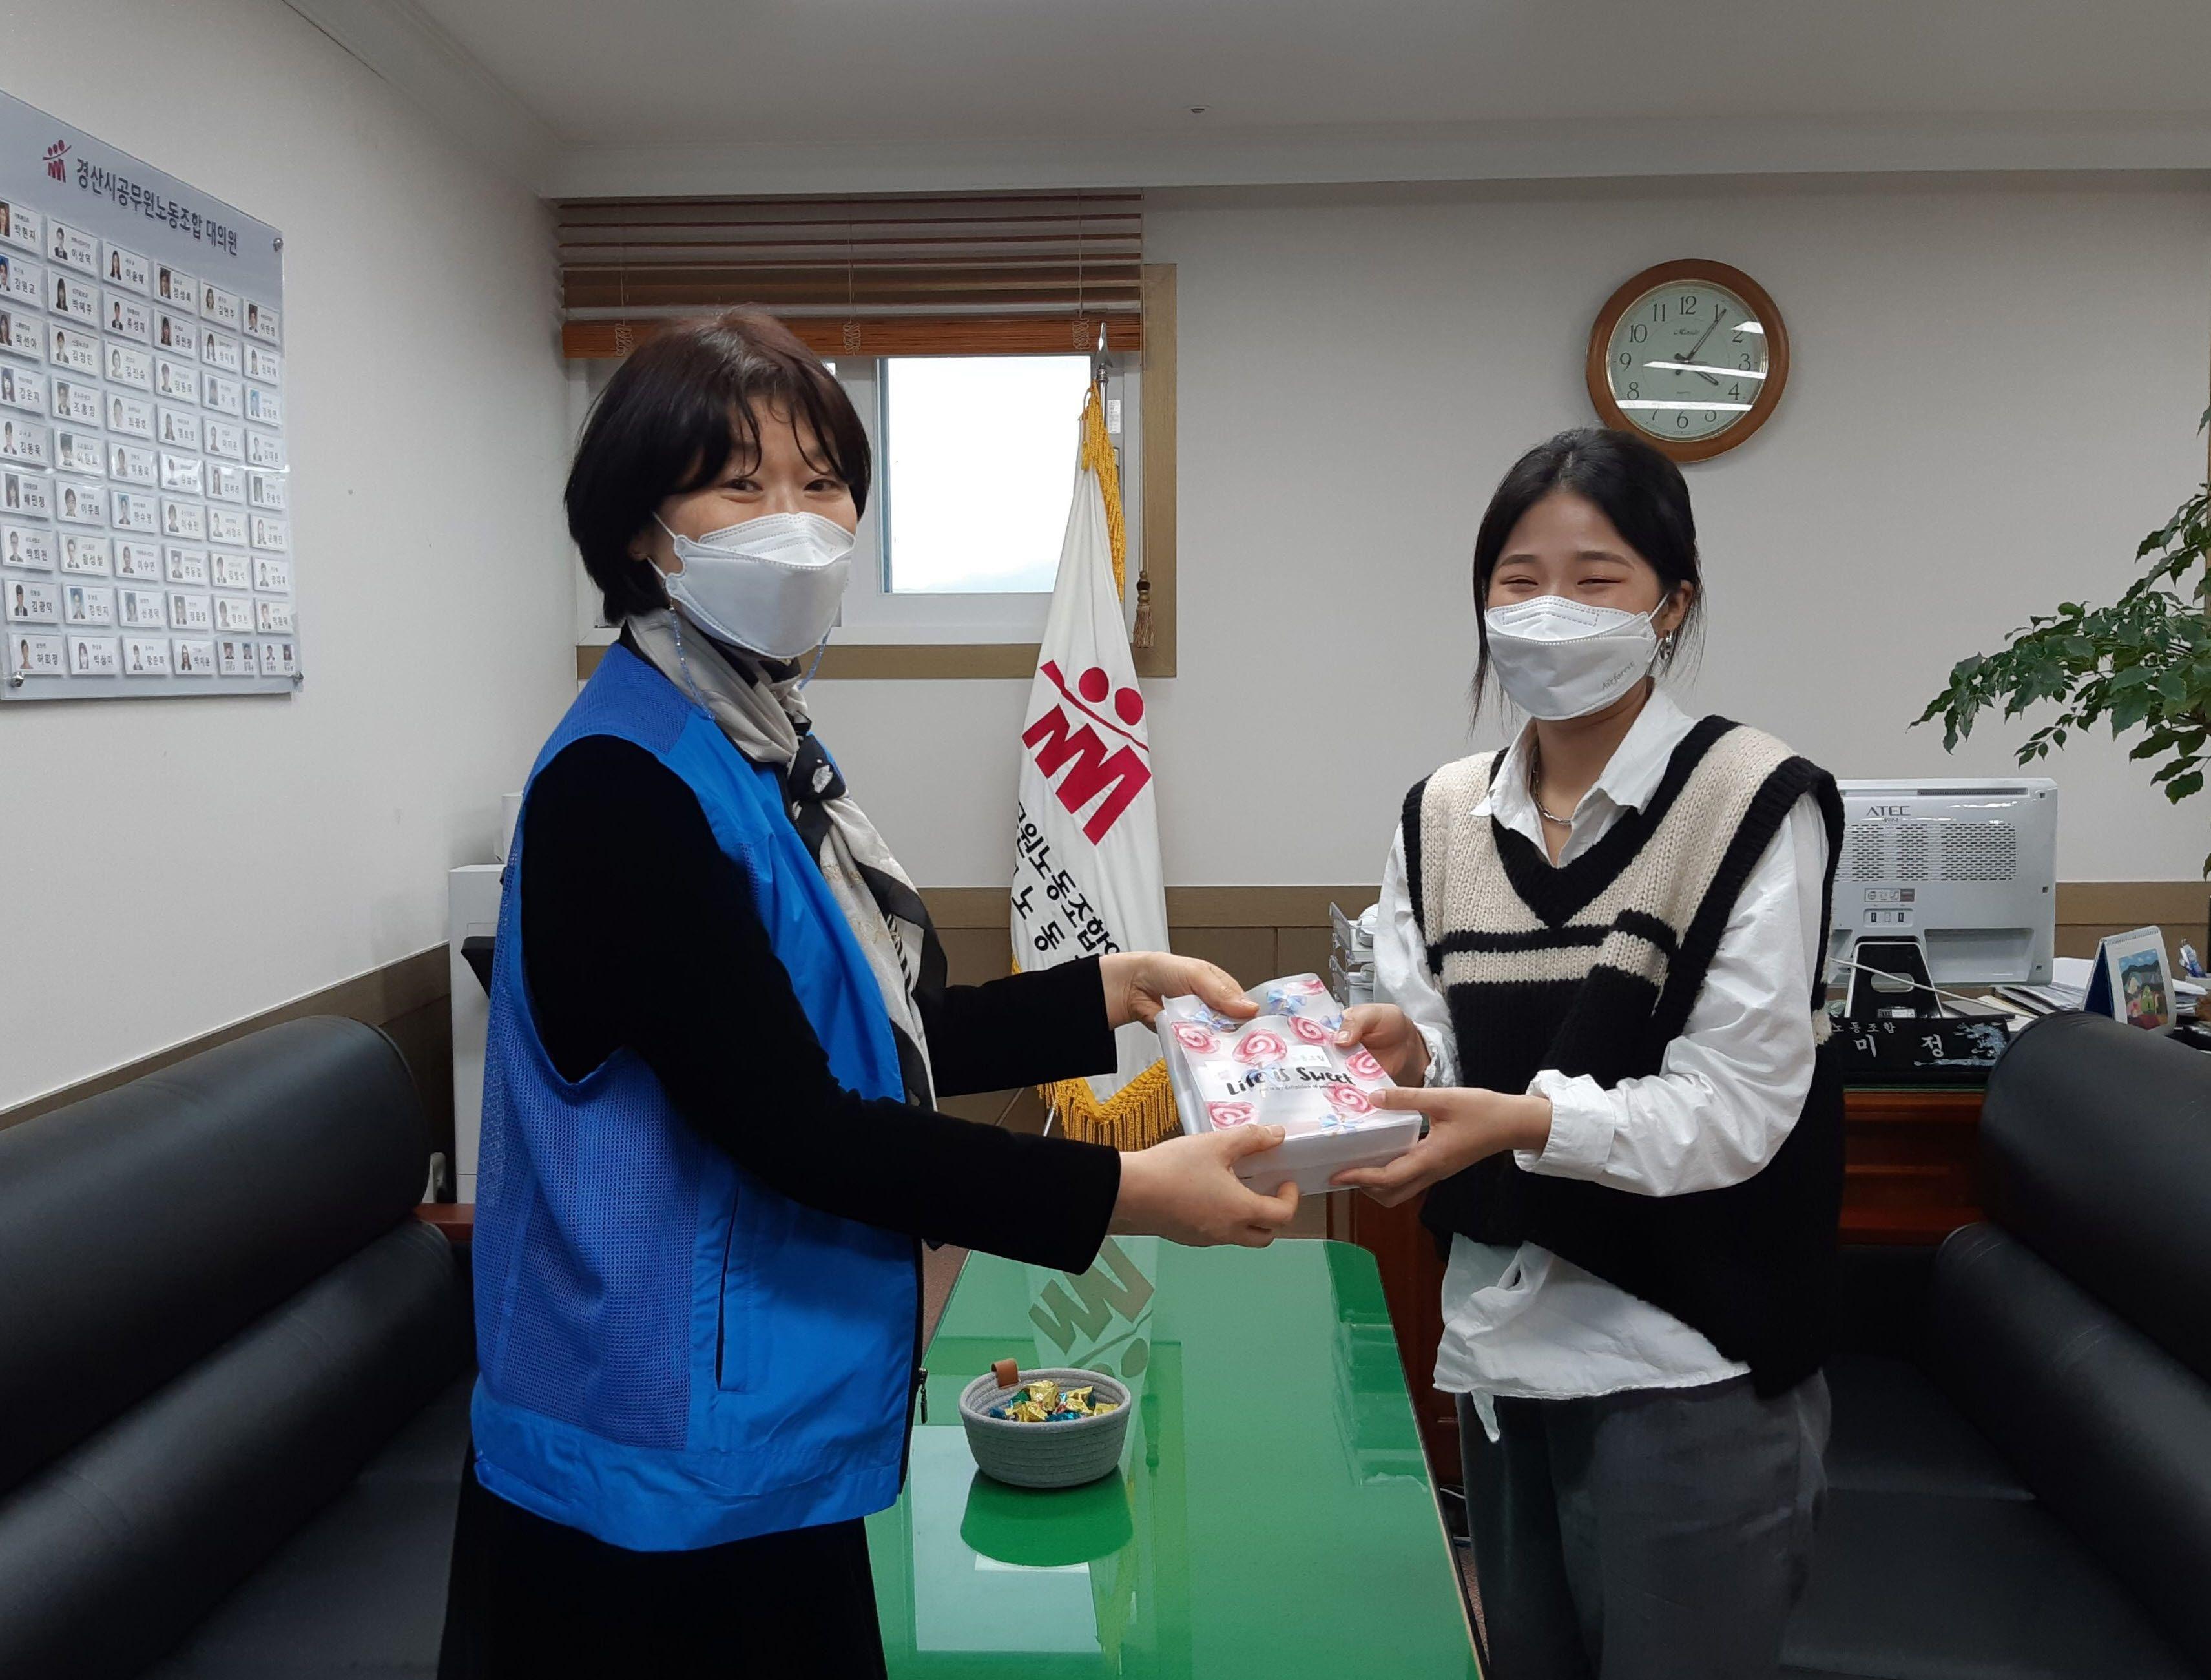 신규임용자 경노조 홍보 및 축하 선물 전달